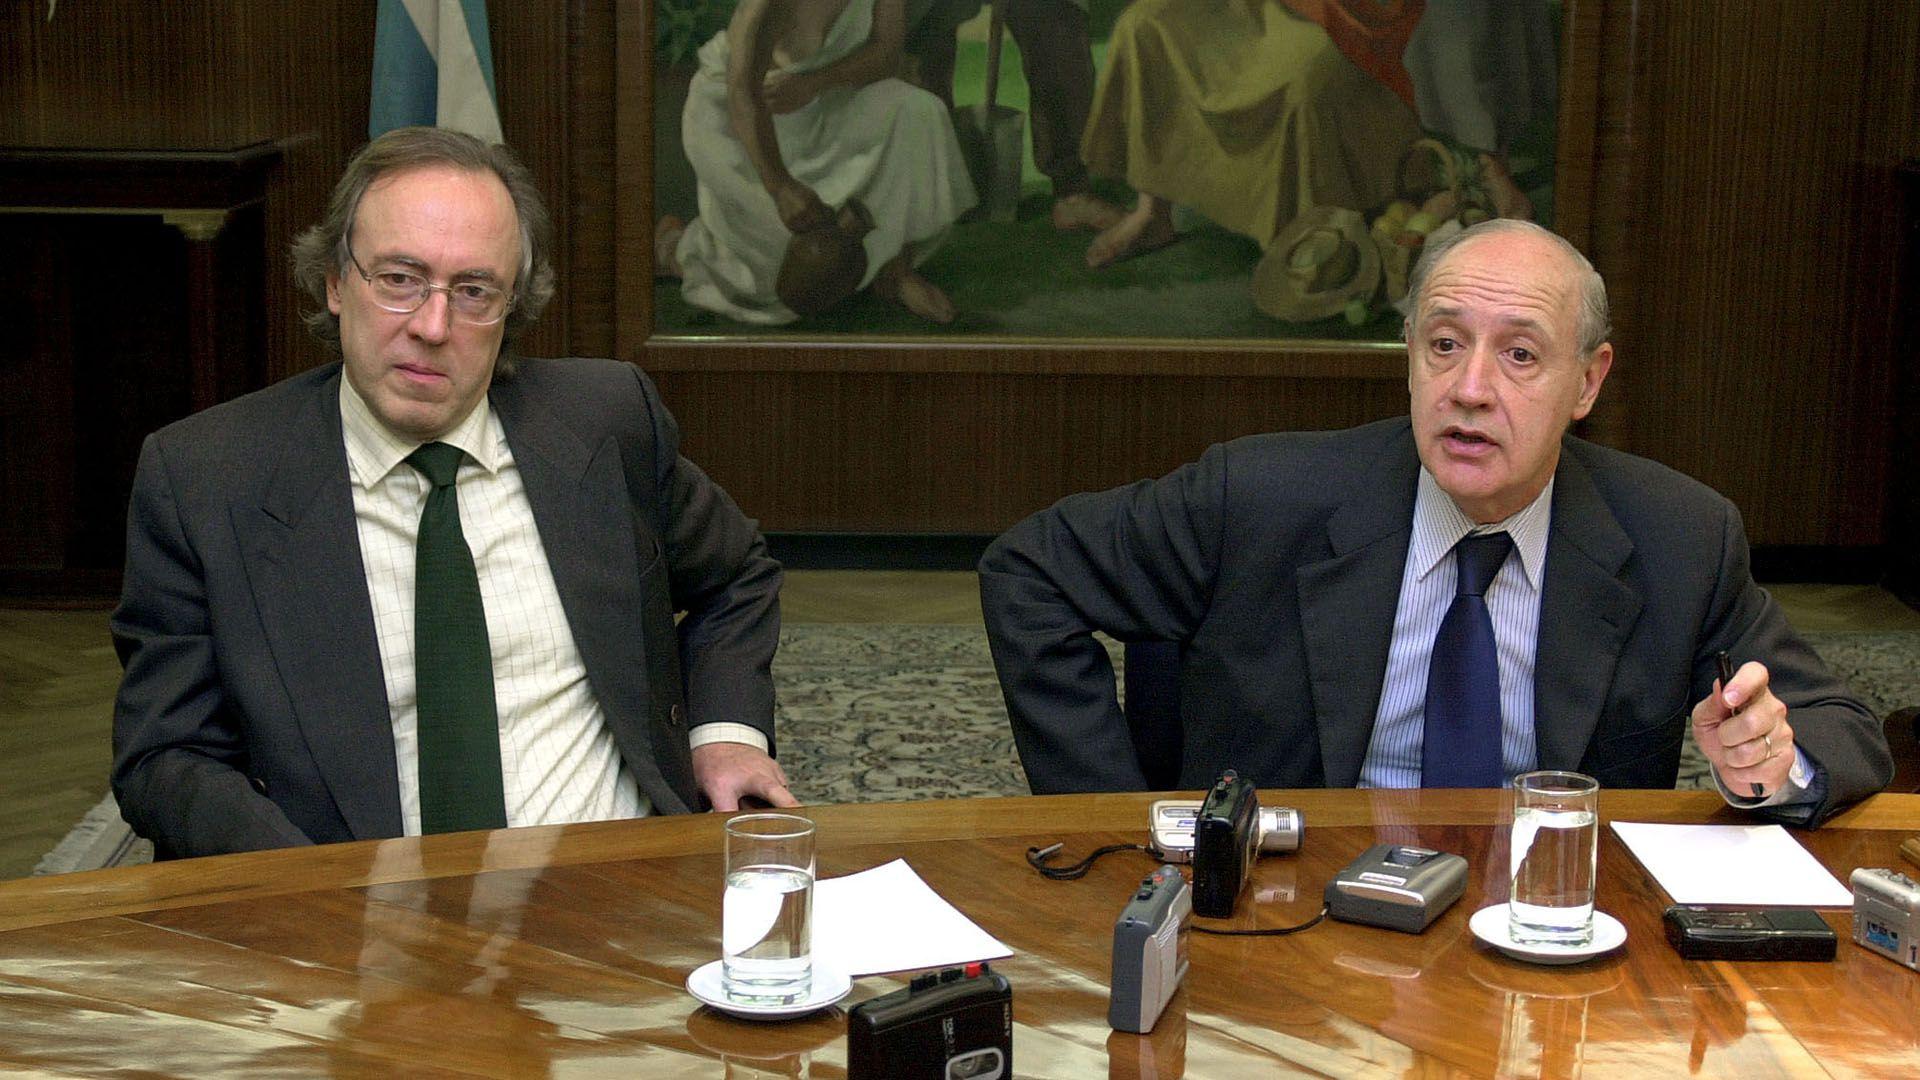 El ministro de Economia Roberto Lavagna junto al secretario de finanzas Guillermo Nielsen, incluyeron al cupón ligado al PBI en la oferta del canje del 2005, pese a que el instrumento no tenía ningún atractivo para el mercado